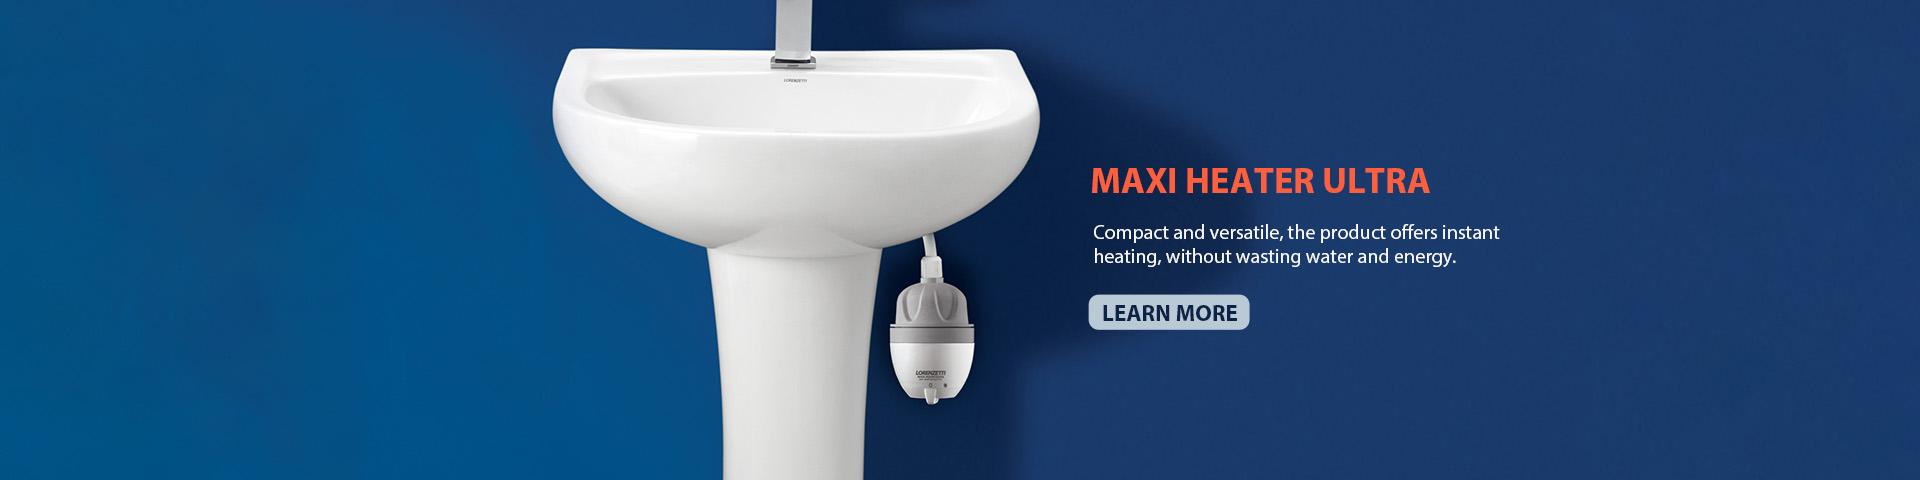 Maxi Heater